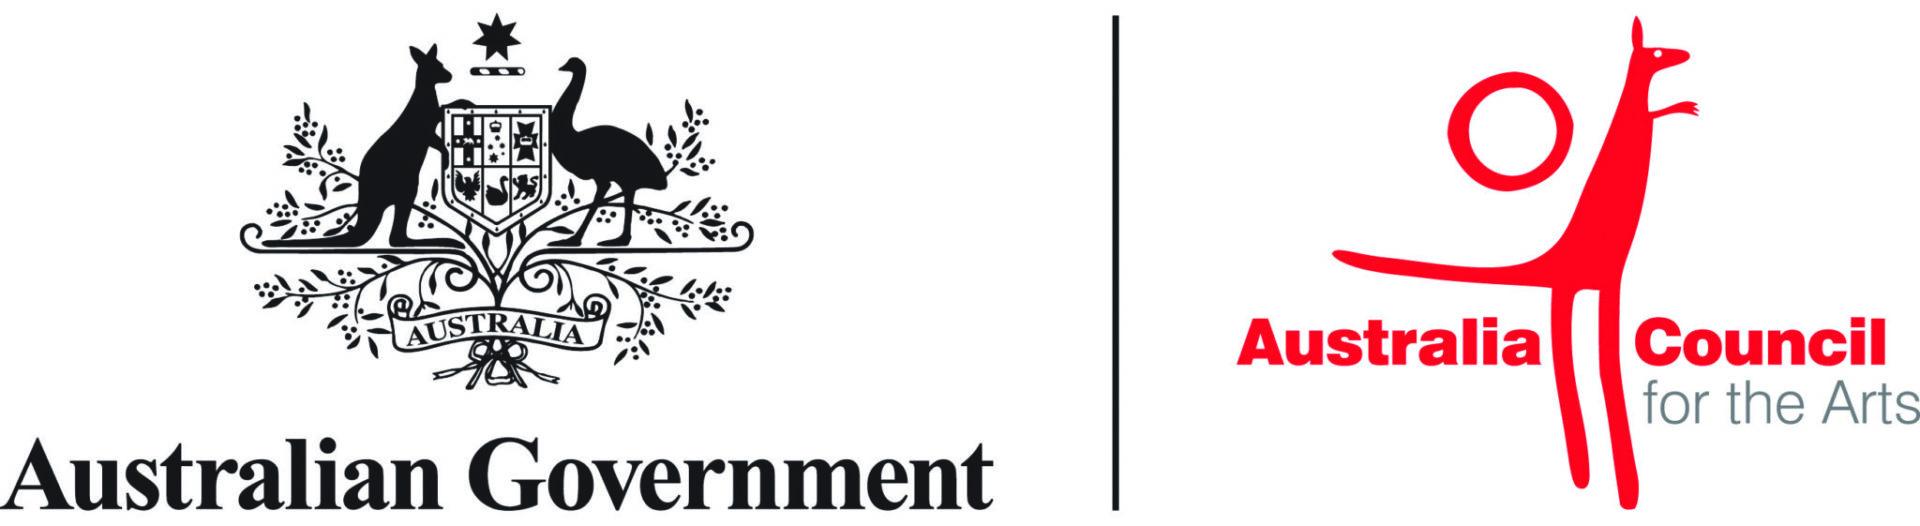 Australia council logo